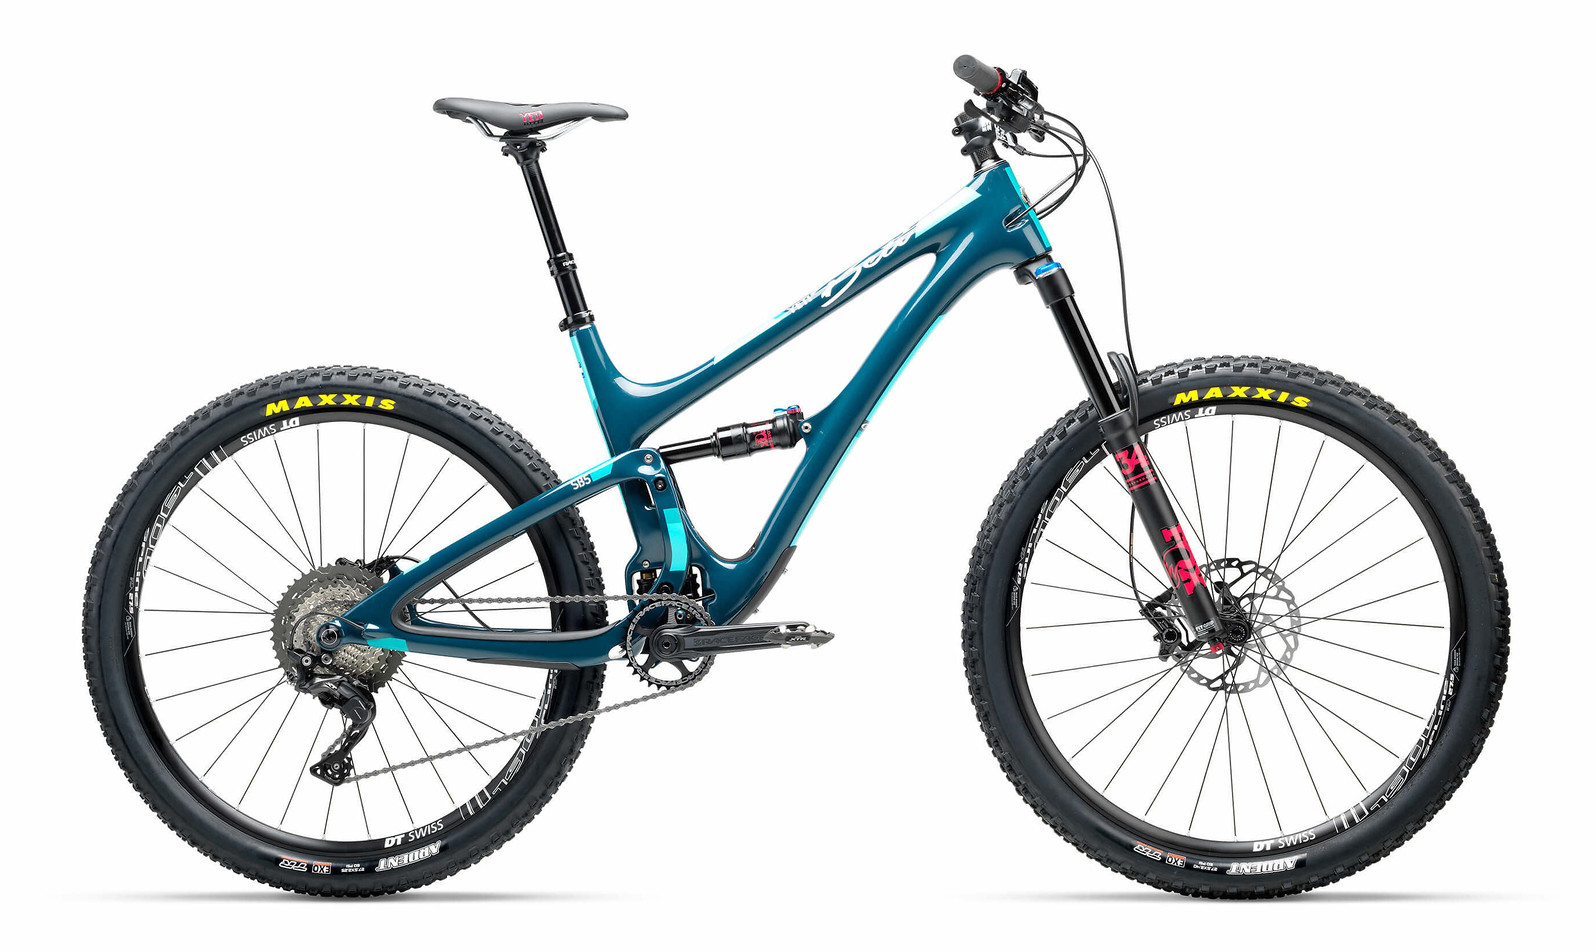 2017 Yeti Beti SB5 Carbon XT/SLX Bike (Storm)